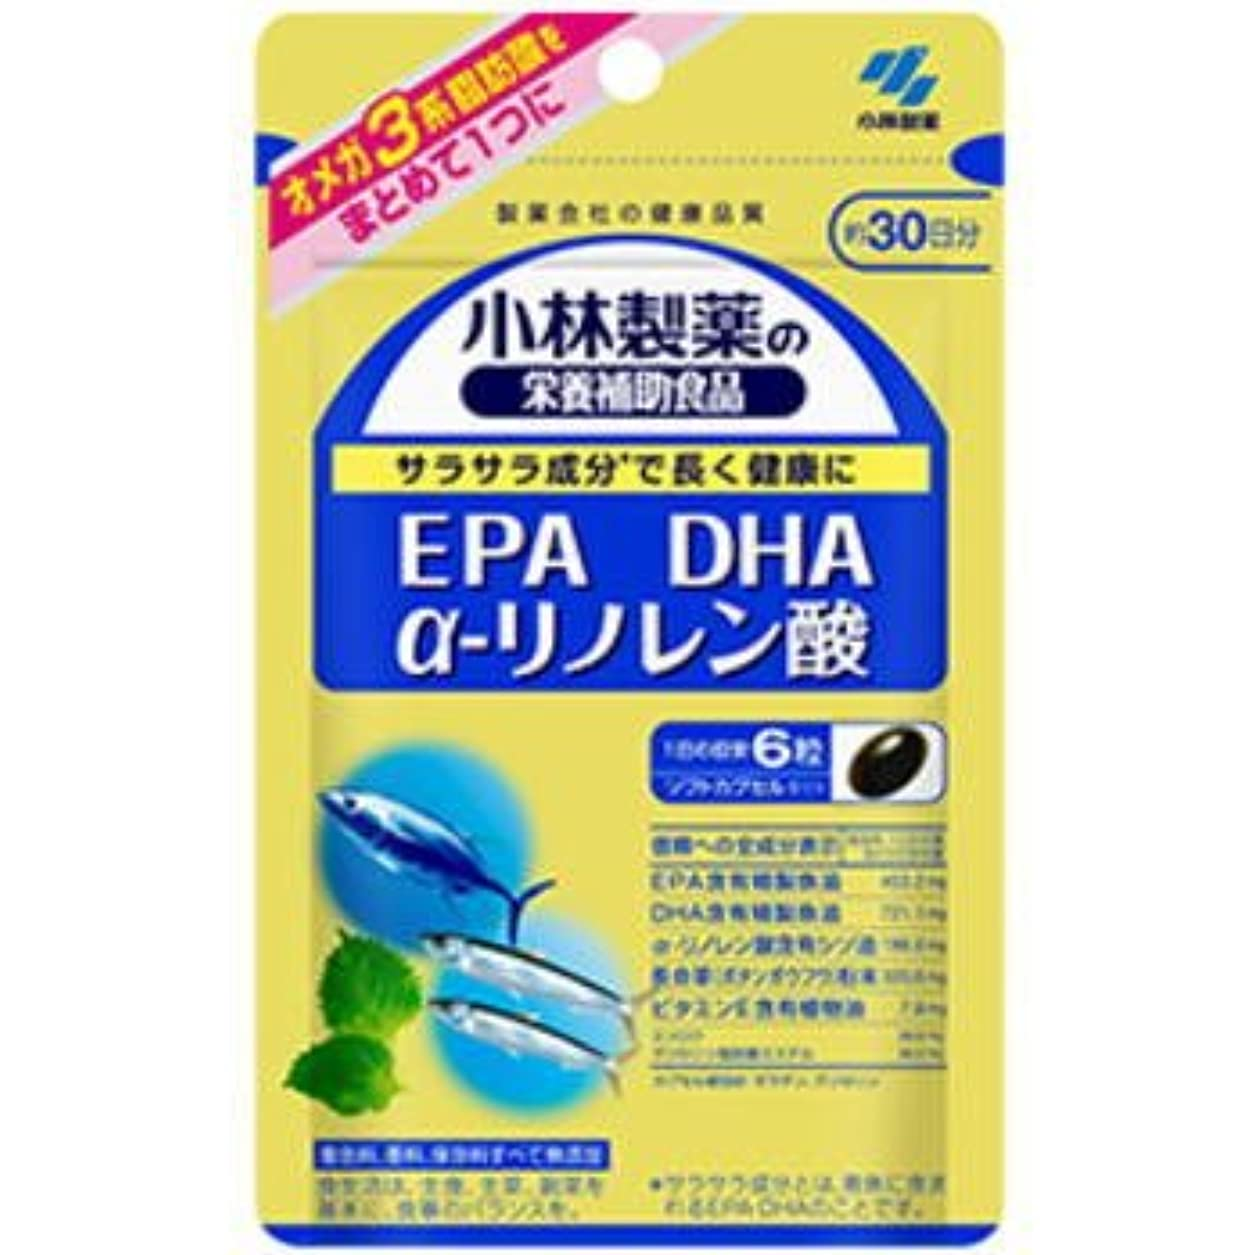 狂った遺棄された低い小林製薬 EPA DHA α-リノレン酸 180粒×3個セット【ネコポス発送】